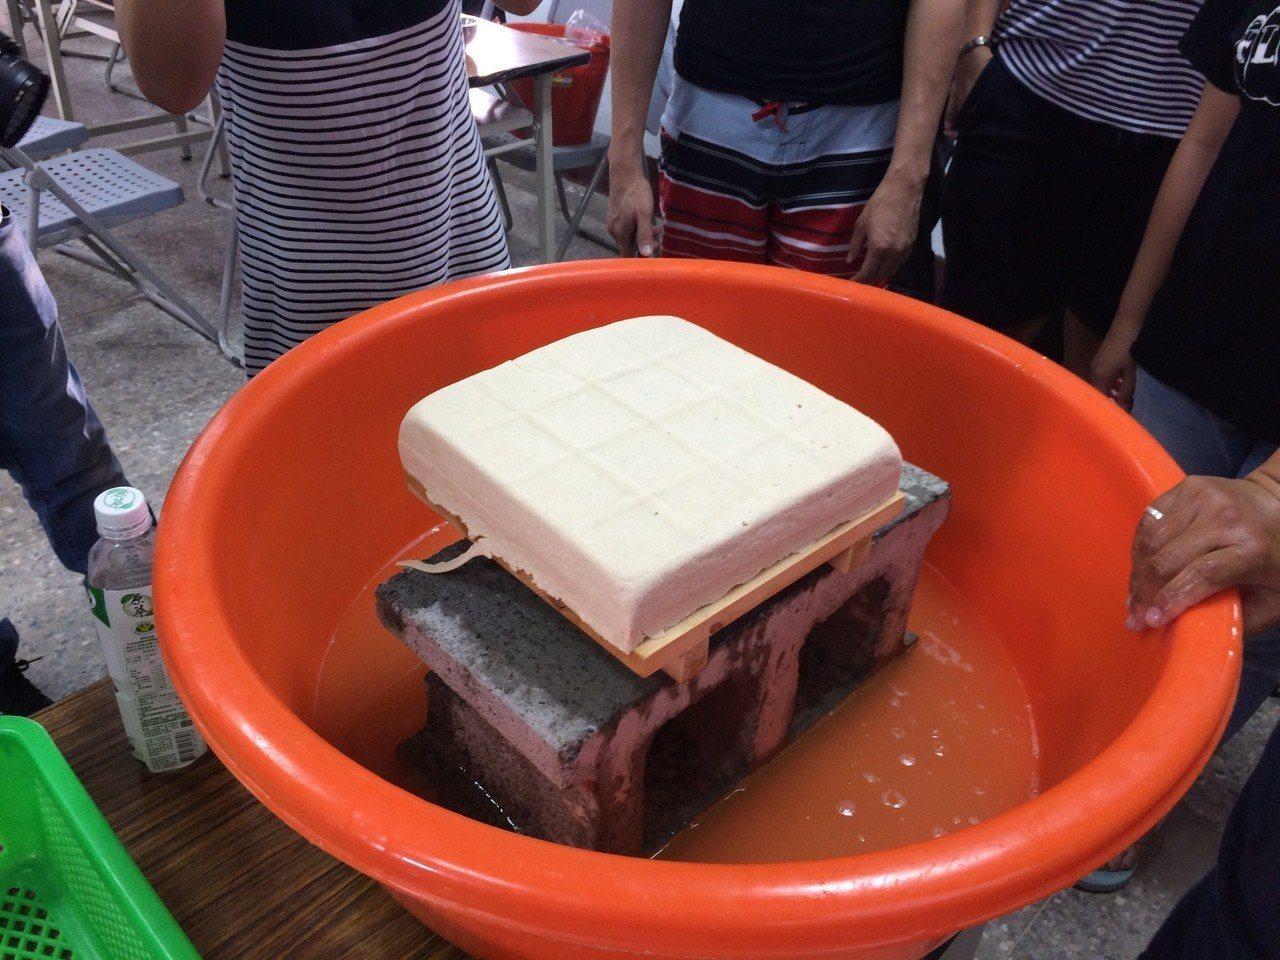 後灣社區生態旅遊安排手作鹽滷豆腐,重現就地取材的傳統生活智慧。記者潘欣中/攝影仲